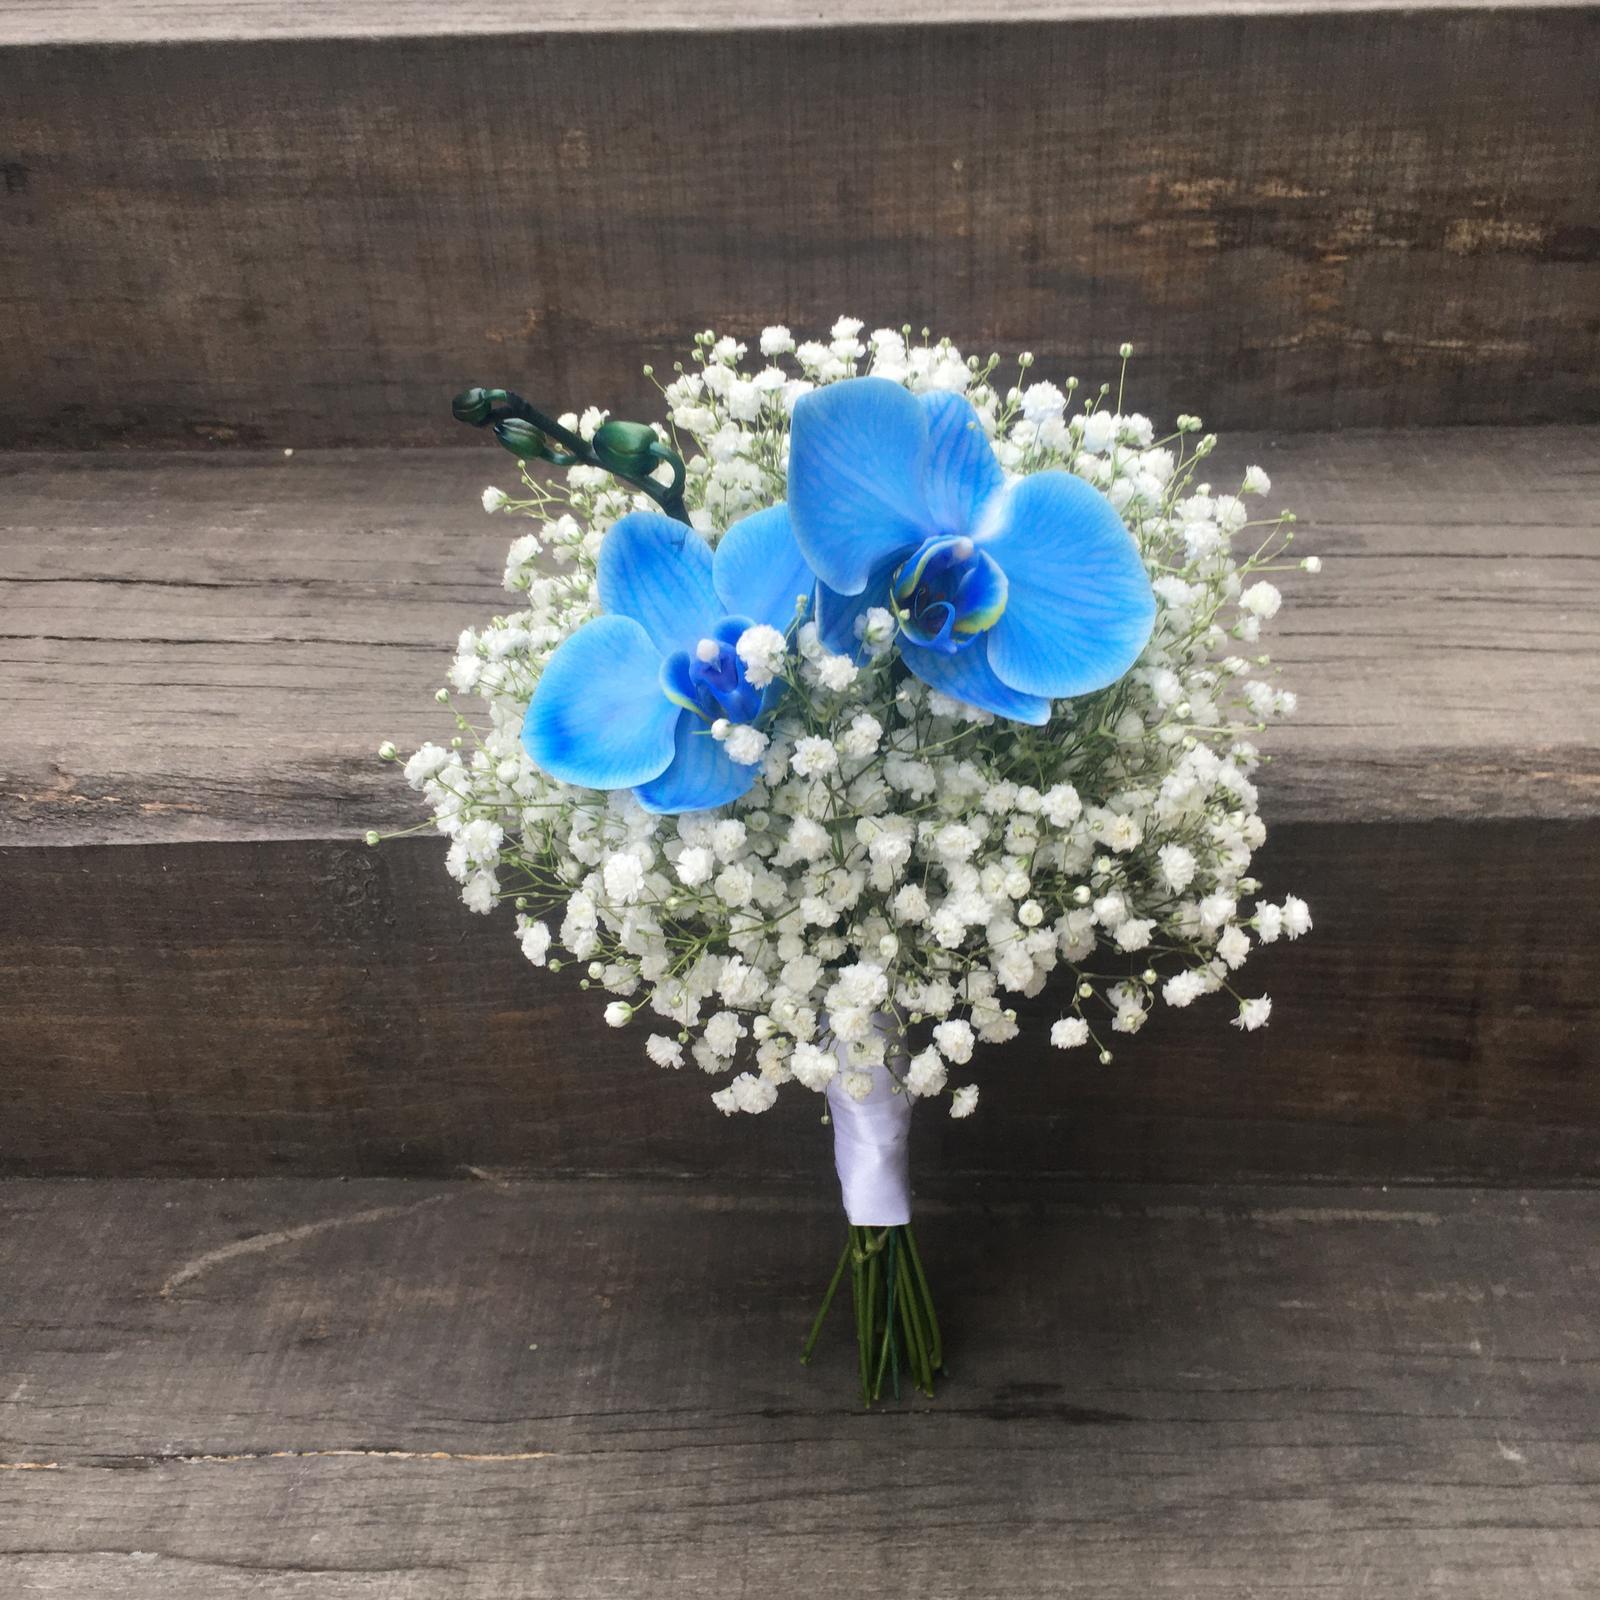 Svadba na Dunaji - Kytica na hádzanie, gypsomilka a modrá orchidea